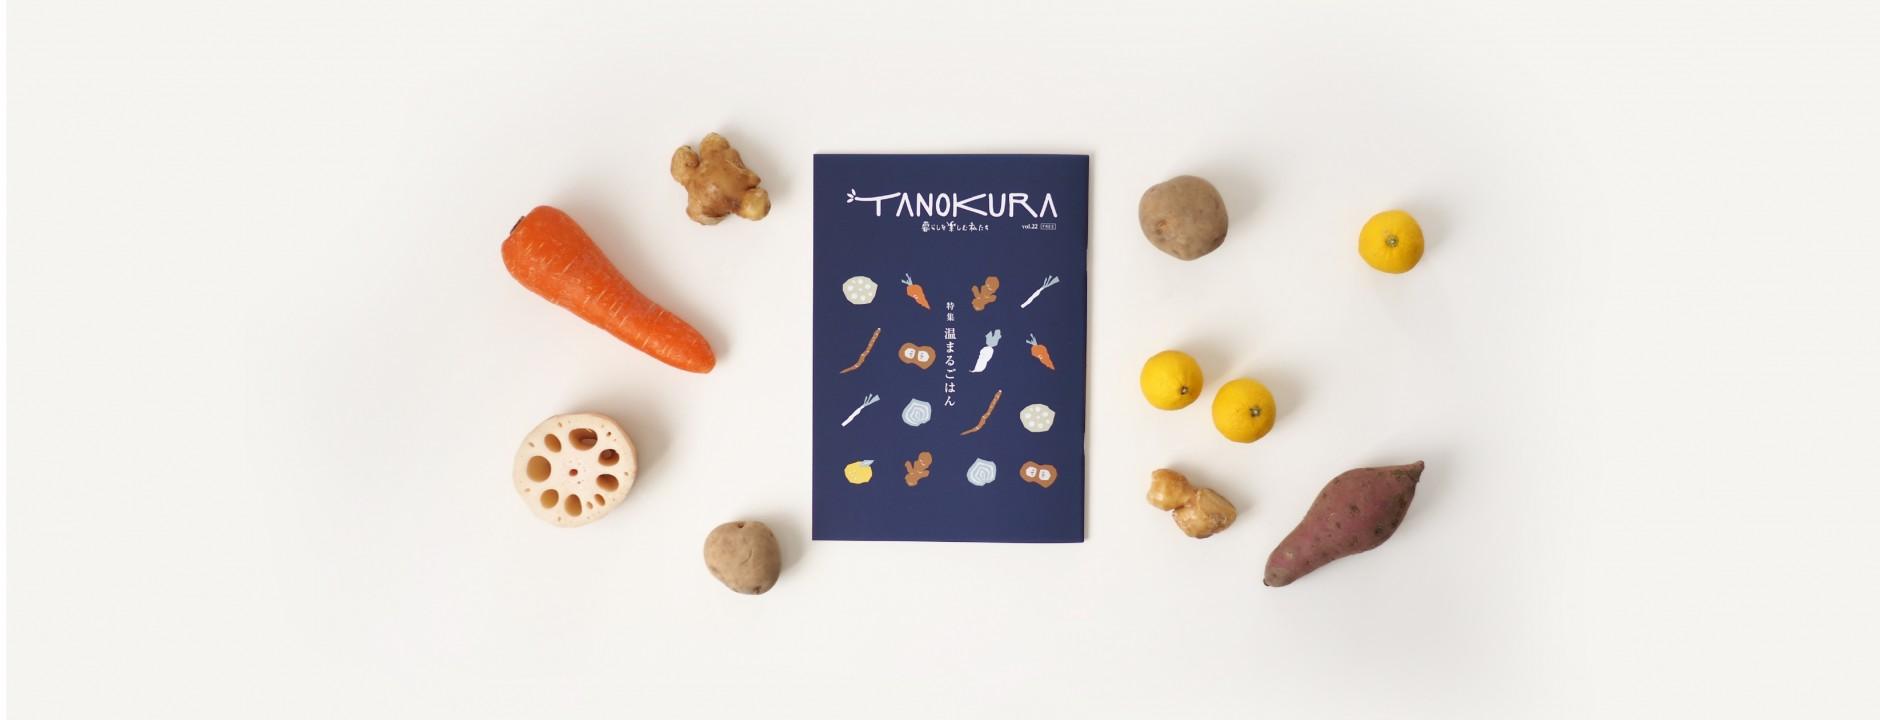 最新号 | TANOKURA Vol.22「温まるごはん」